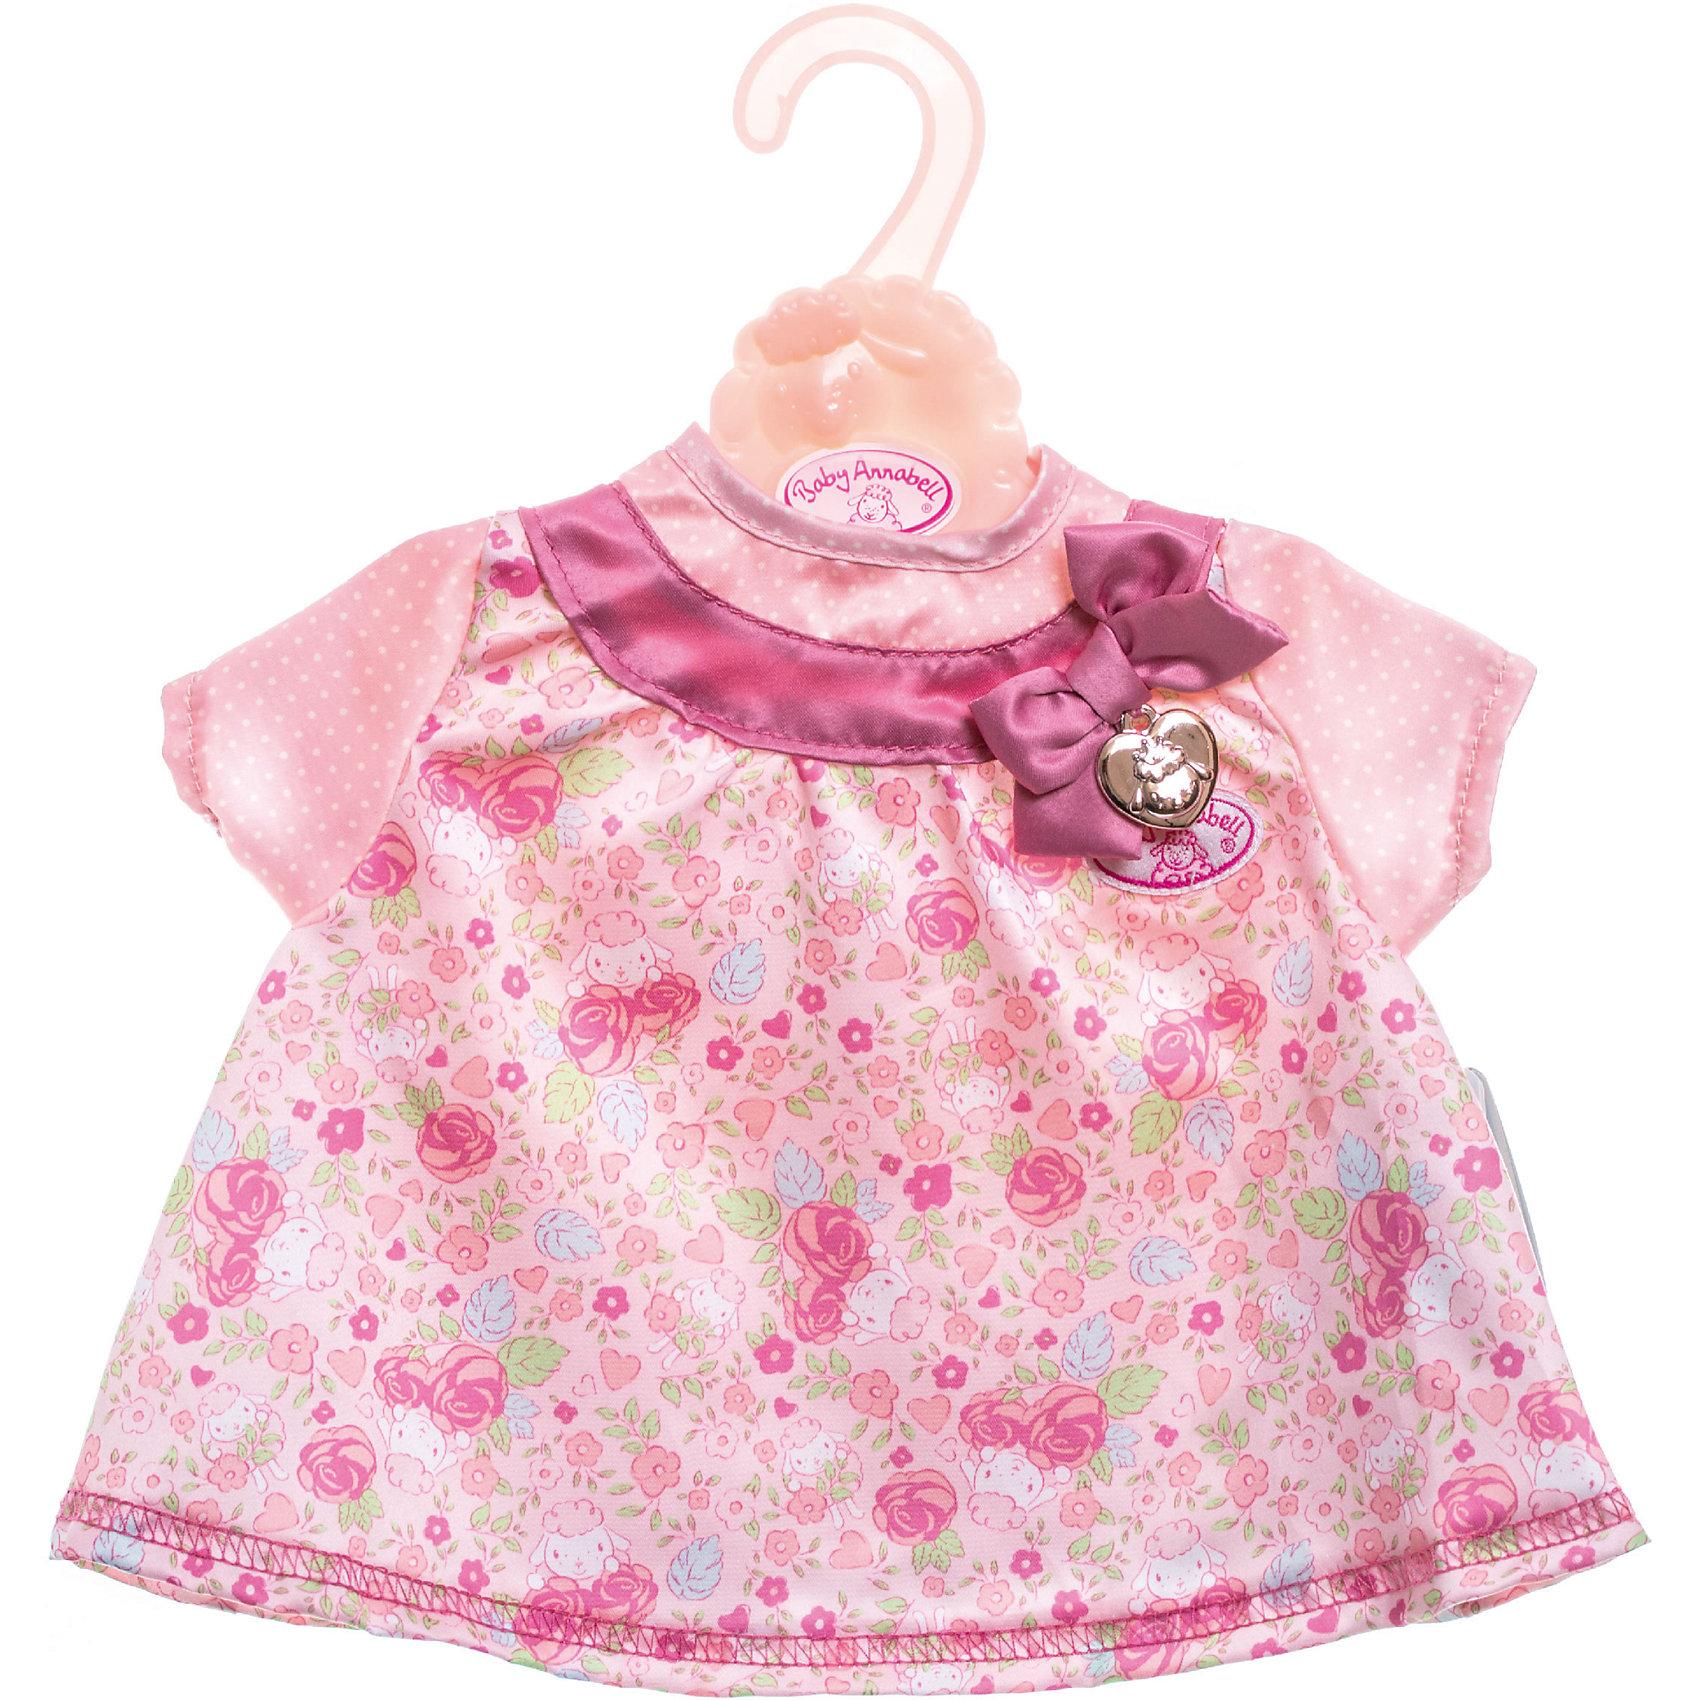 Платье для куклы, розовое, Baby AnnabellБренды кукол<br>Характеристики:<br><br>• Тип одежды для куклы: платье<br>• Предназначение: для сюжетно-ролевых игр<br>• Для куклы: BABY Annabell<br>• Рост куклы/пупса: от 46 см<br>• Тематика рисунка: цветы, горох<br>• Материал: текстиль <br>• Декор бантом<br>• Застежка: липучка на спинке<br>• В комплекте предусмотрена вешалка<br>• Вес: 94 г<br>• Размеры упаковки (Д*В*Ш): 32*32*1 см<br>• Упаковка: блистер <br>• Особенности ухода: допускается деликатная стирка без использования красящих и отбеливающих средств <br><br>Платье для куклы, розовое, Baby Annabell от немецкого производителя Zapf Creation предназначено для кукол и пупсов серии BABY Annabell. Выполнено из текстиля высокого качества, который устойчив к изменению цвета и формы. Нежное платье с цветочным принтом выполнено в розовых оттенках. Короткие рукава выполнены из ткани в мелкий белый горошек. <br><br>На кокетке имеется широкий кант с бантом. Сзади на спинке предусмотрена застежка на липучке, благодаря чему легко и удобно будет переодевать куклу. Платье для куклы выполнено с детальным соответствием реальным детским вещам. Сюжетно-ролевые игры с переодеванием кукол способствуют не только приобретению навыков комбинирования предметов гардероба, но и формированию чувства стиля и вкуса у девочки. <br><br>Платье для куклы, розовое, Baby Annabell можно купить в нашем интернет-магазине.<br><br>Ширина мм: 320<br>Глубина мм: 320<br>Высота мм: 10<br>Вес г: 94<br>Возраст от месяцев: 36<br>Возраст до месяцев: 144<br>Пол: Женский<br>Возраст: Детский<br>SKU: 5377578